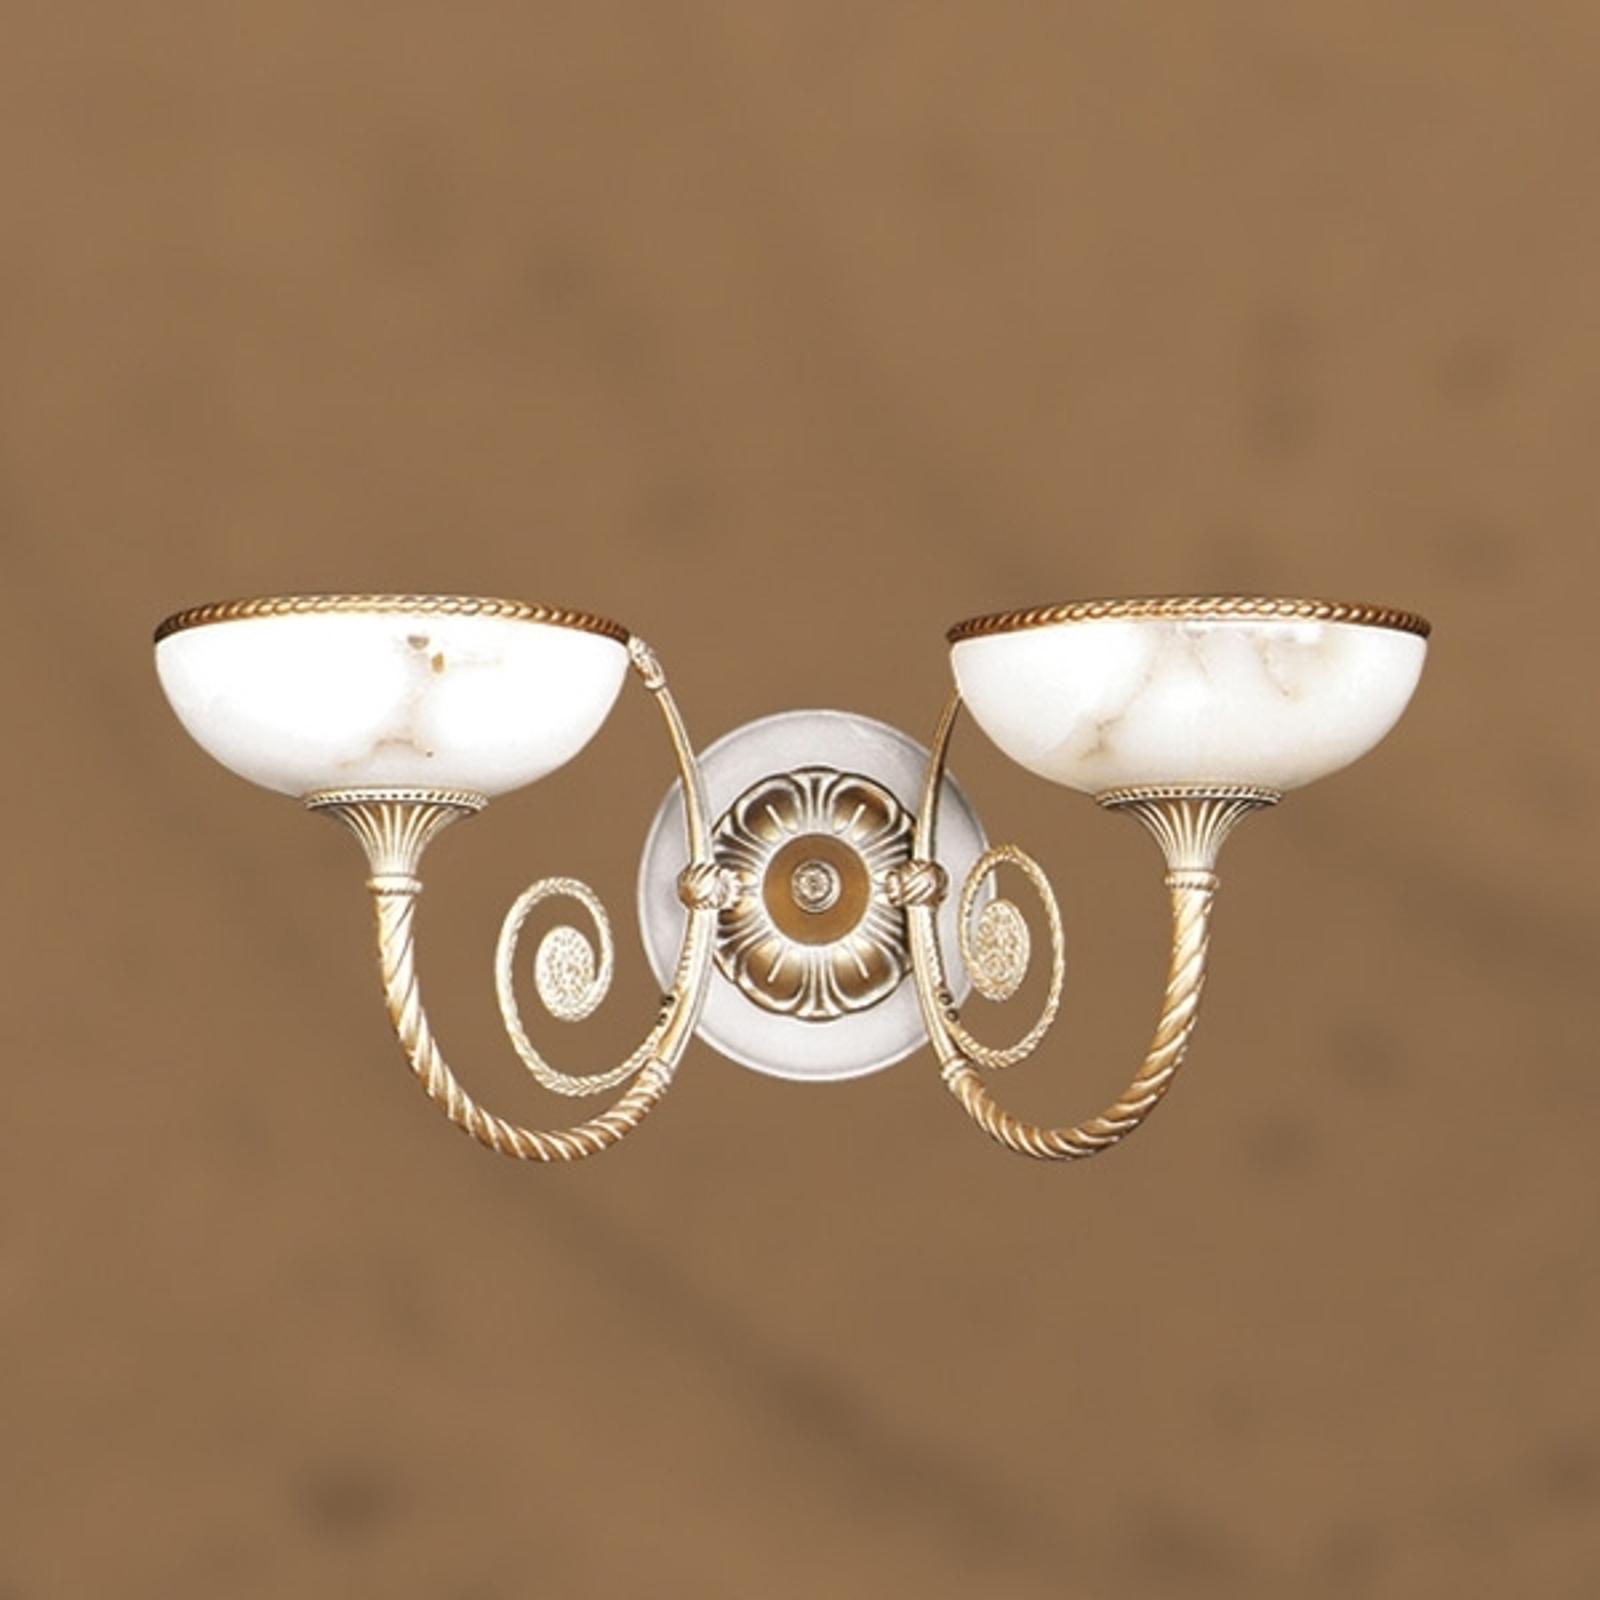 Wandlamp MINERVA met glazen kappen 20 cm